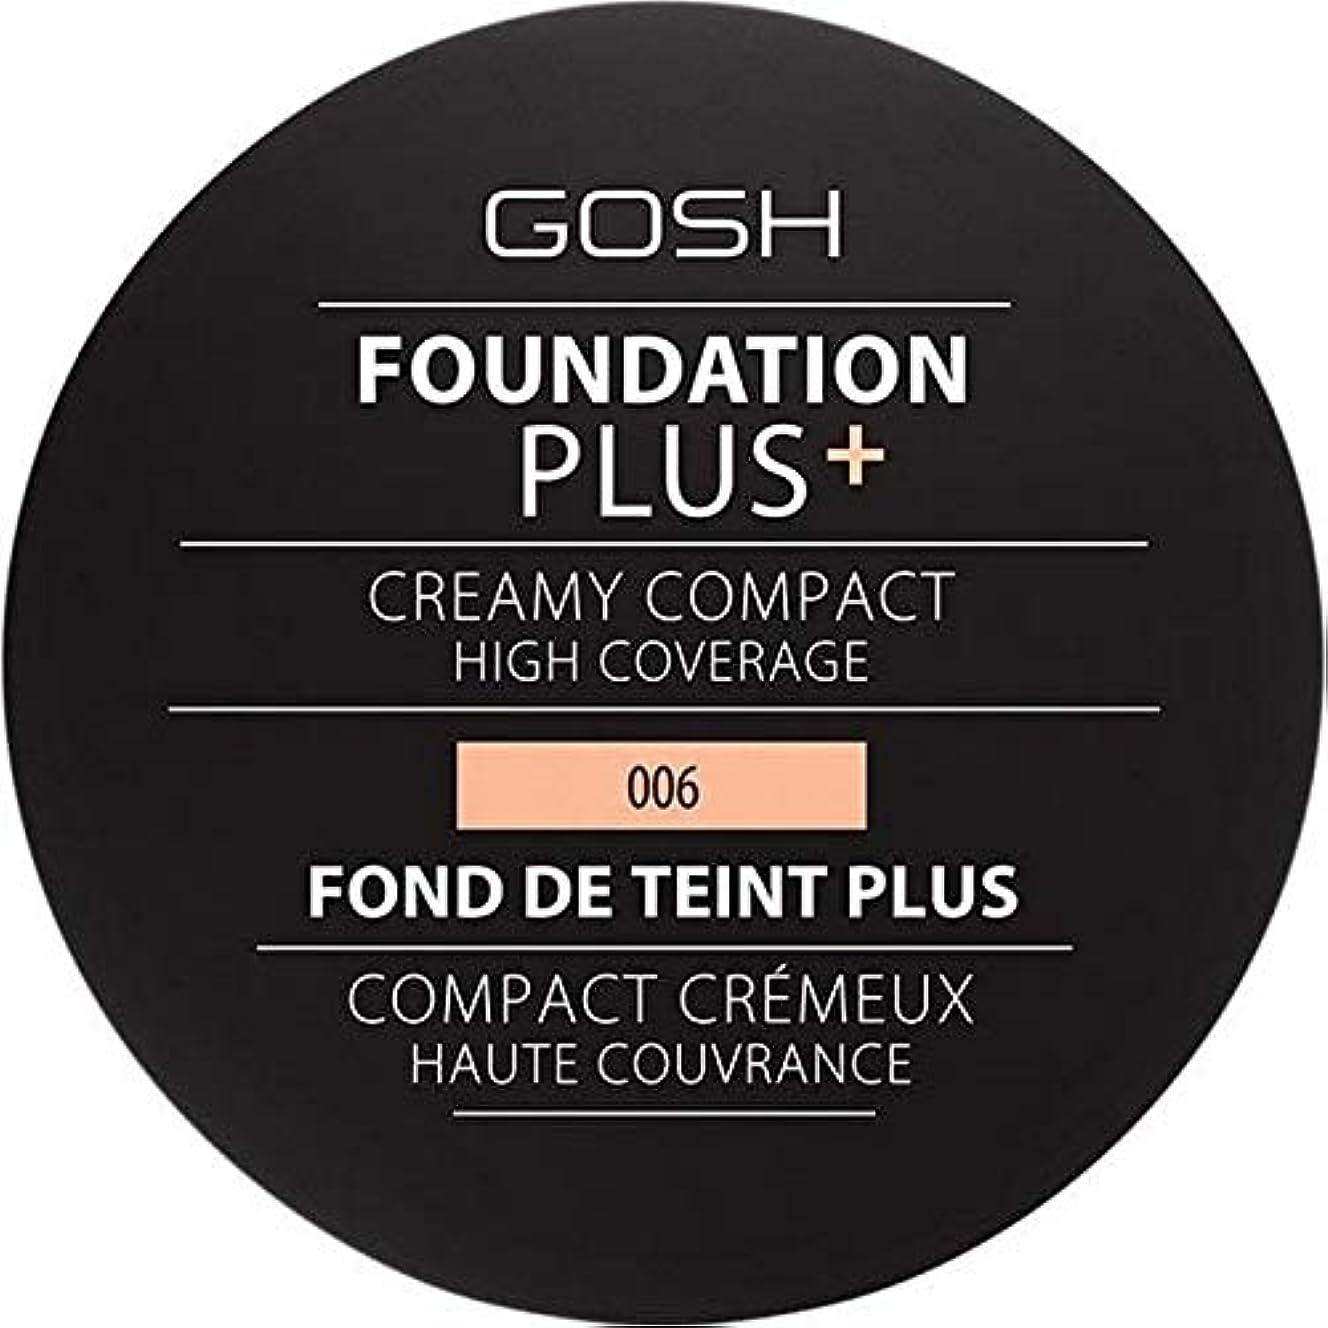 不快な朝ごはんコンテンツ[GOSH ] 基礎プラス+クリーミーコンパクト蜂蜜006 - Foundation Plus+ Creamy Compact Honey 006 [並行輸入品]